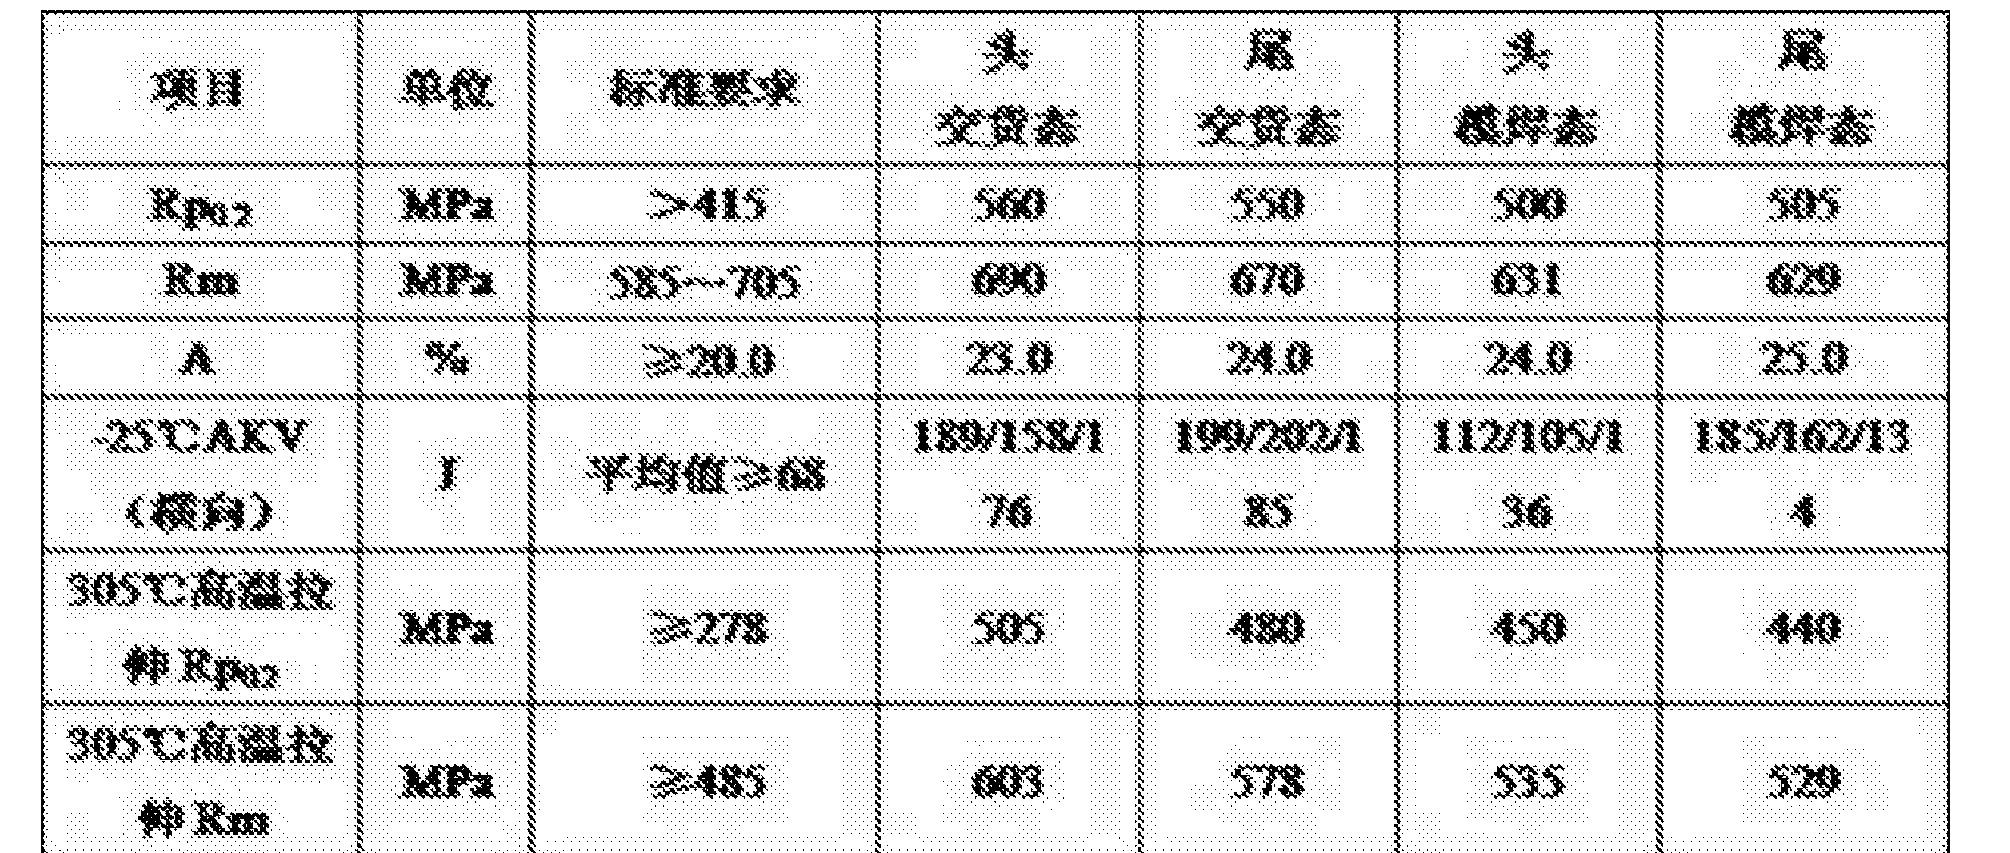 Figure CN105624550BD00051